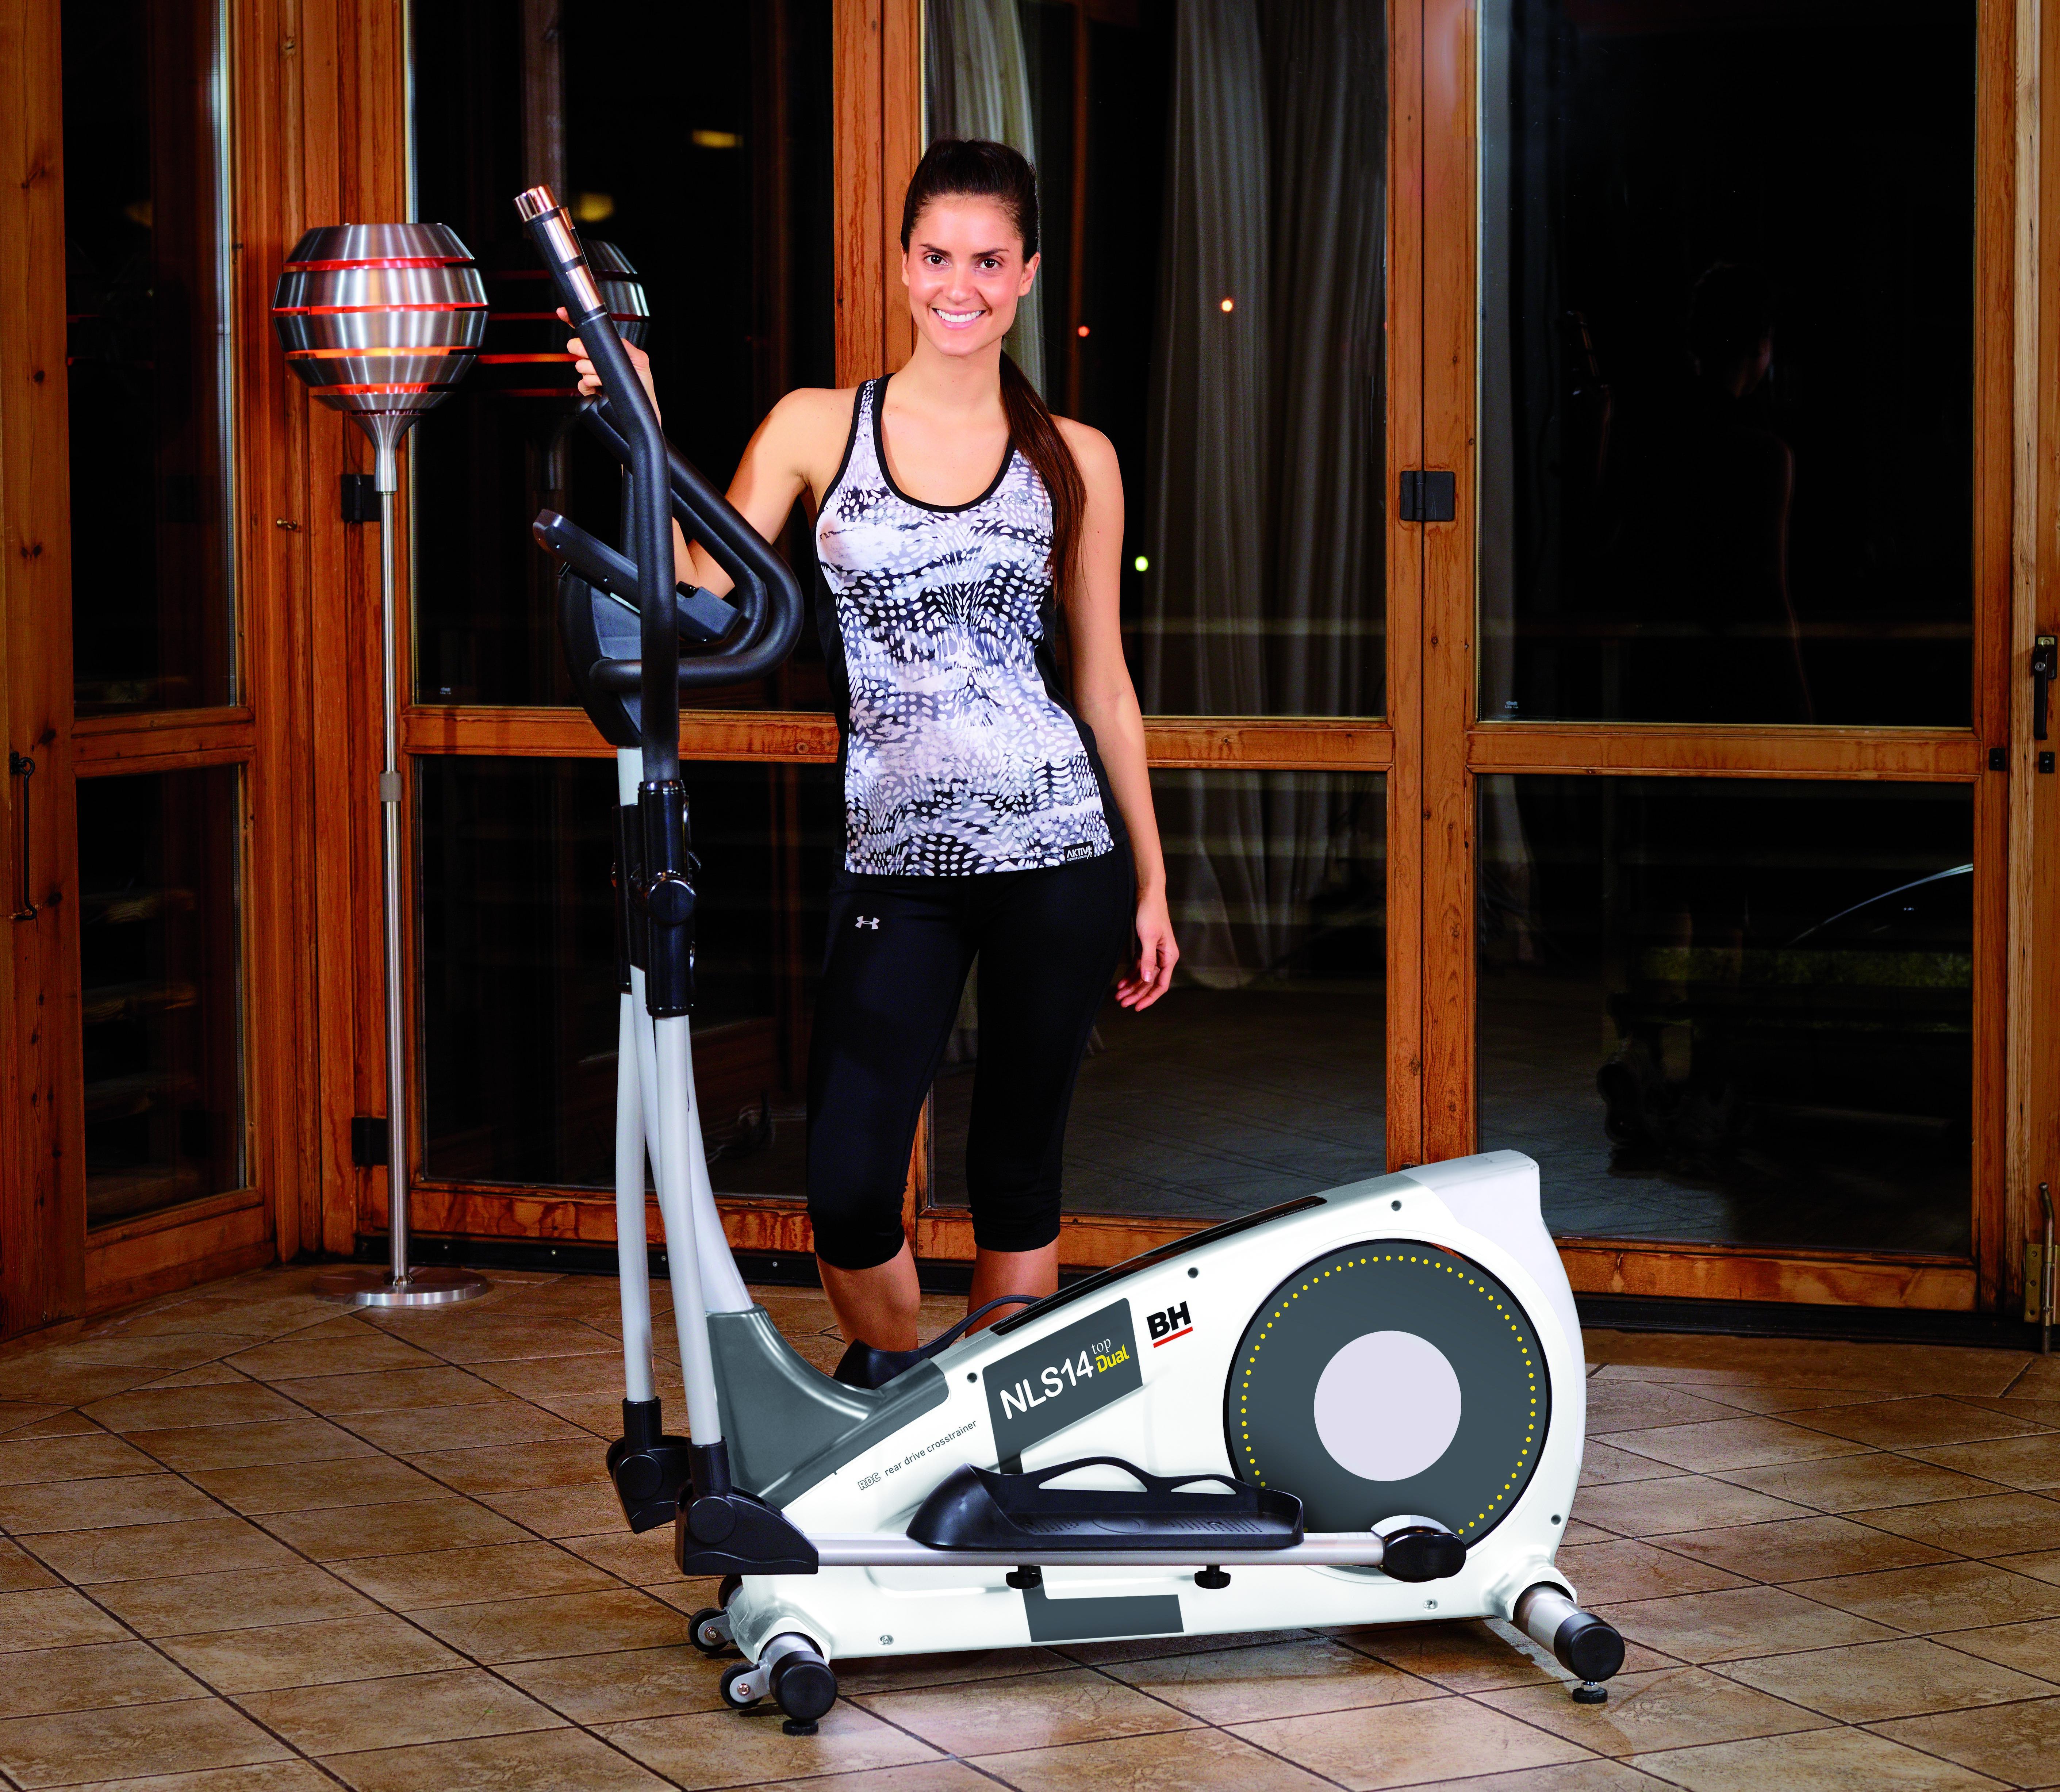 Nls14 Top Dual G2356 vélo elliptique